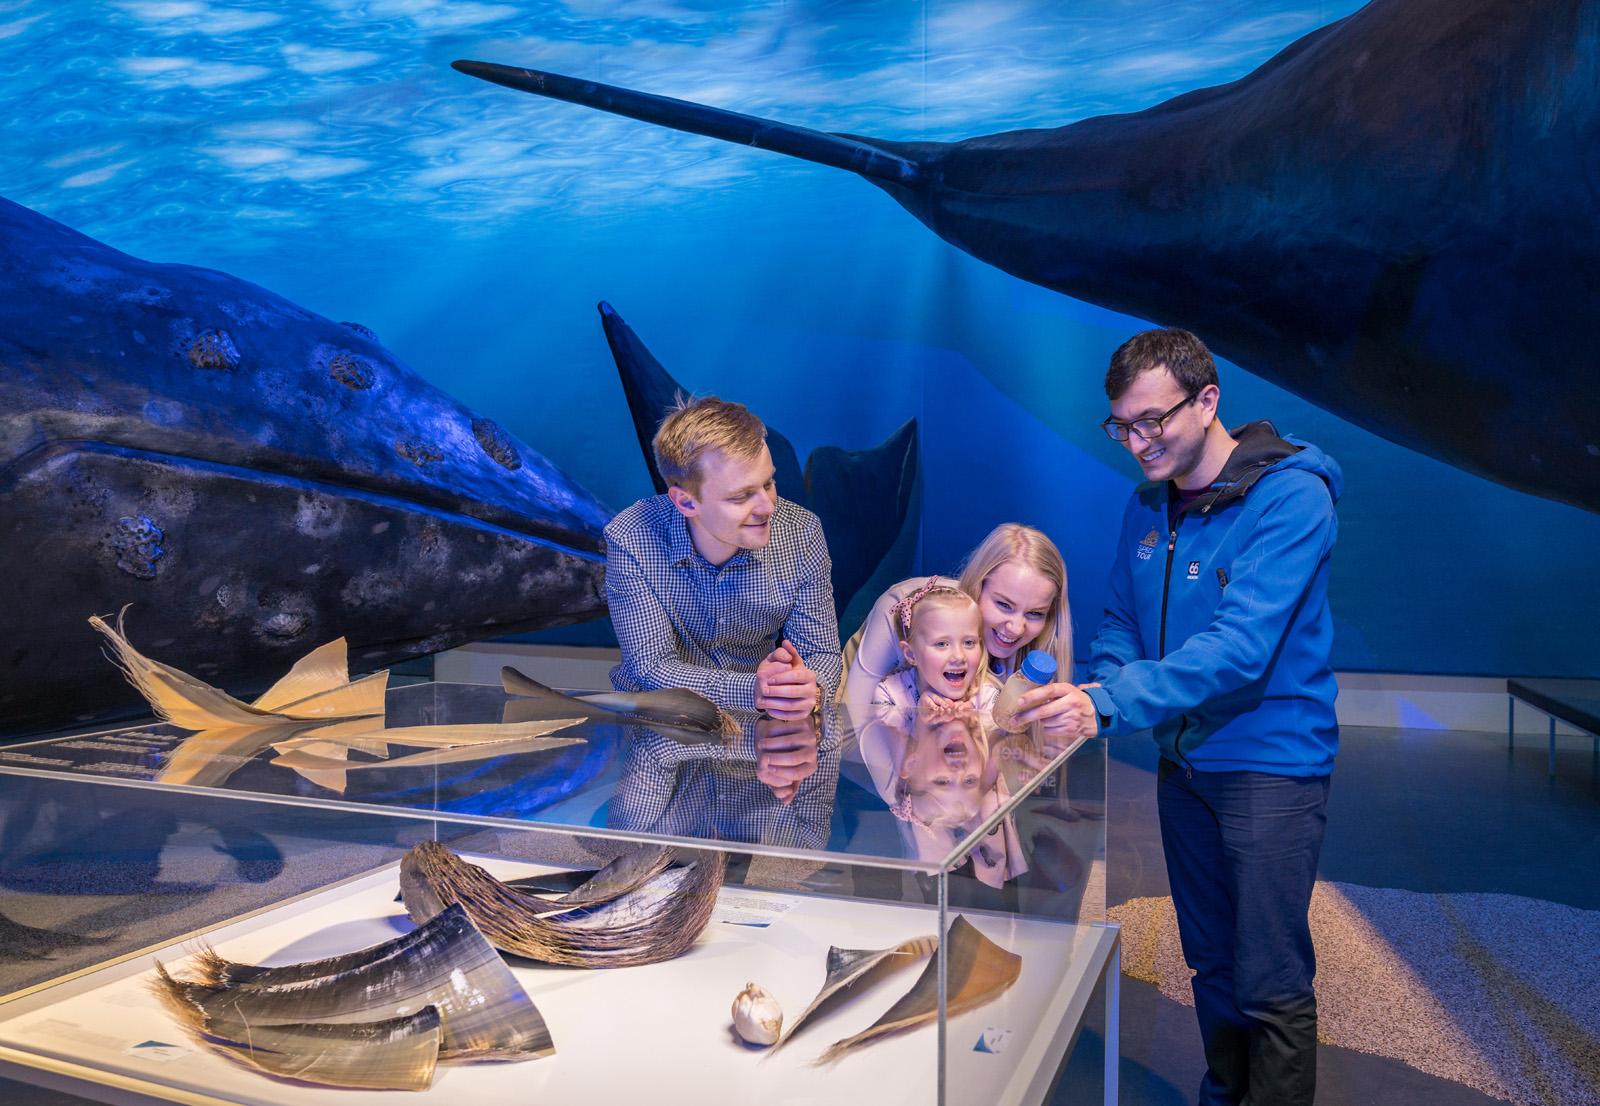 A joyous family experience